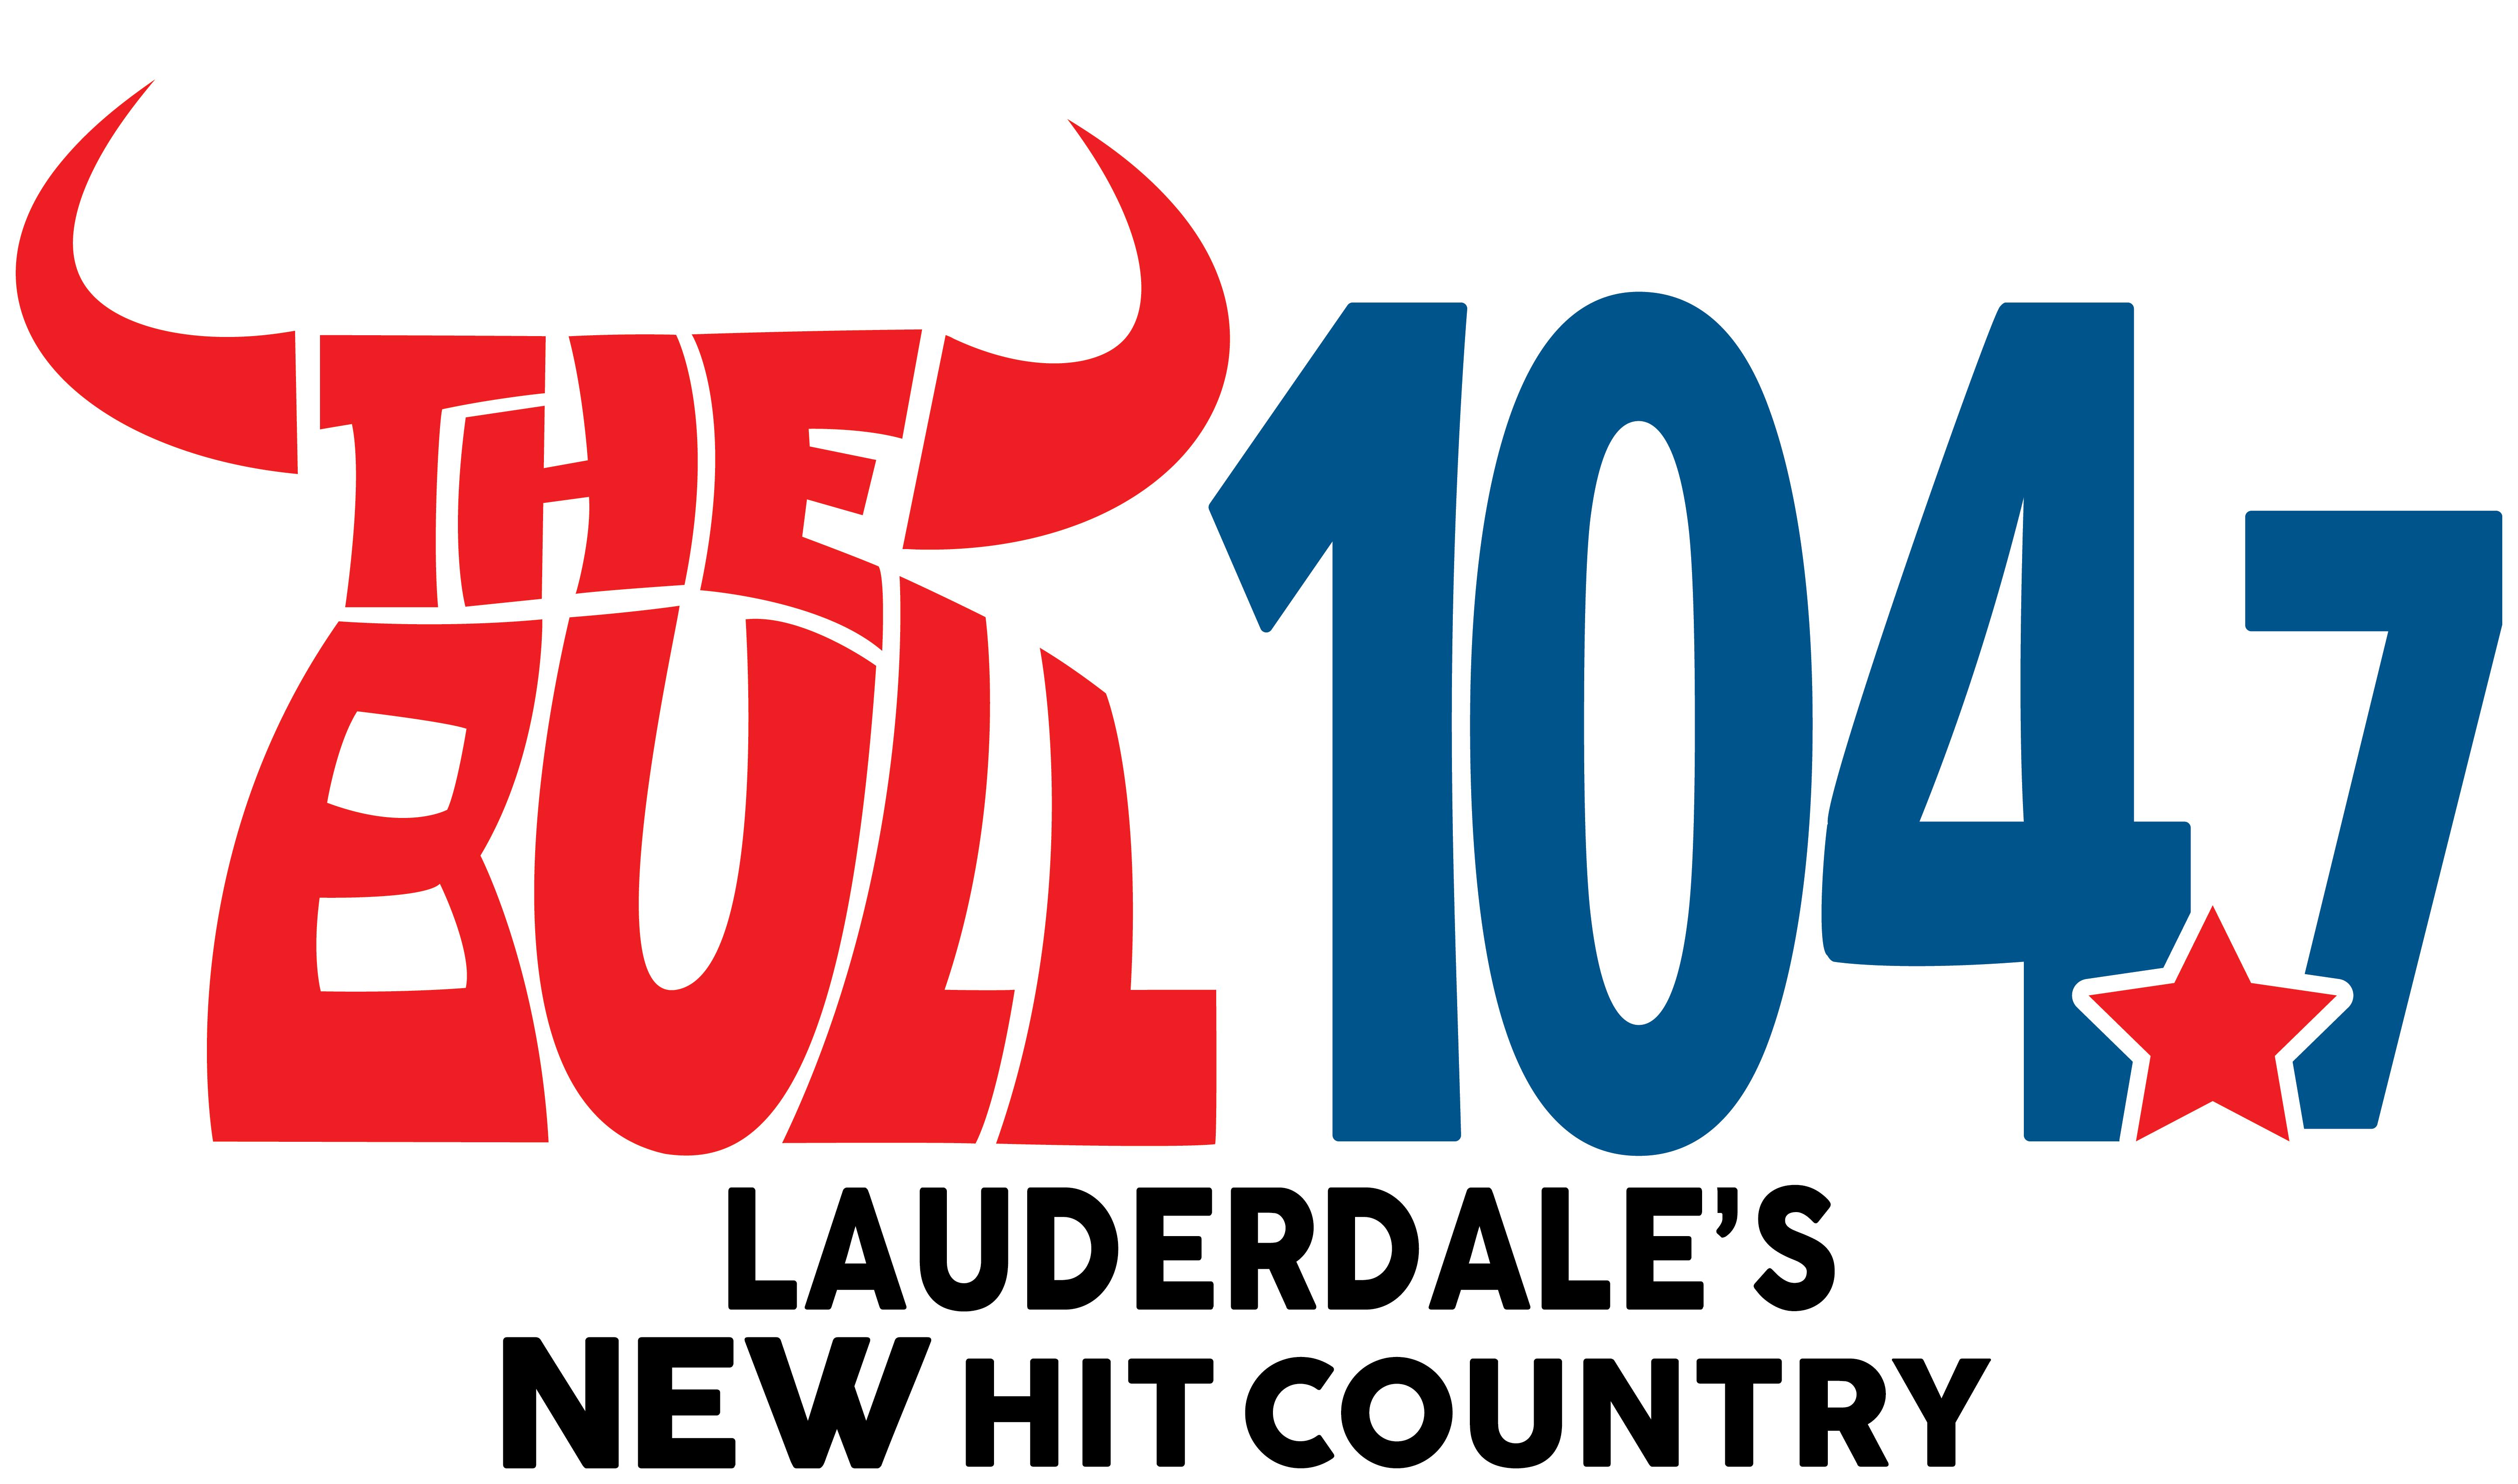 iHeart Miami – The Bull 104.7